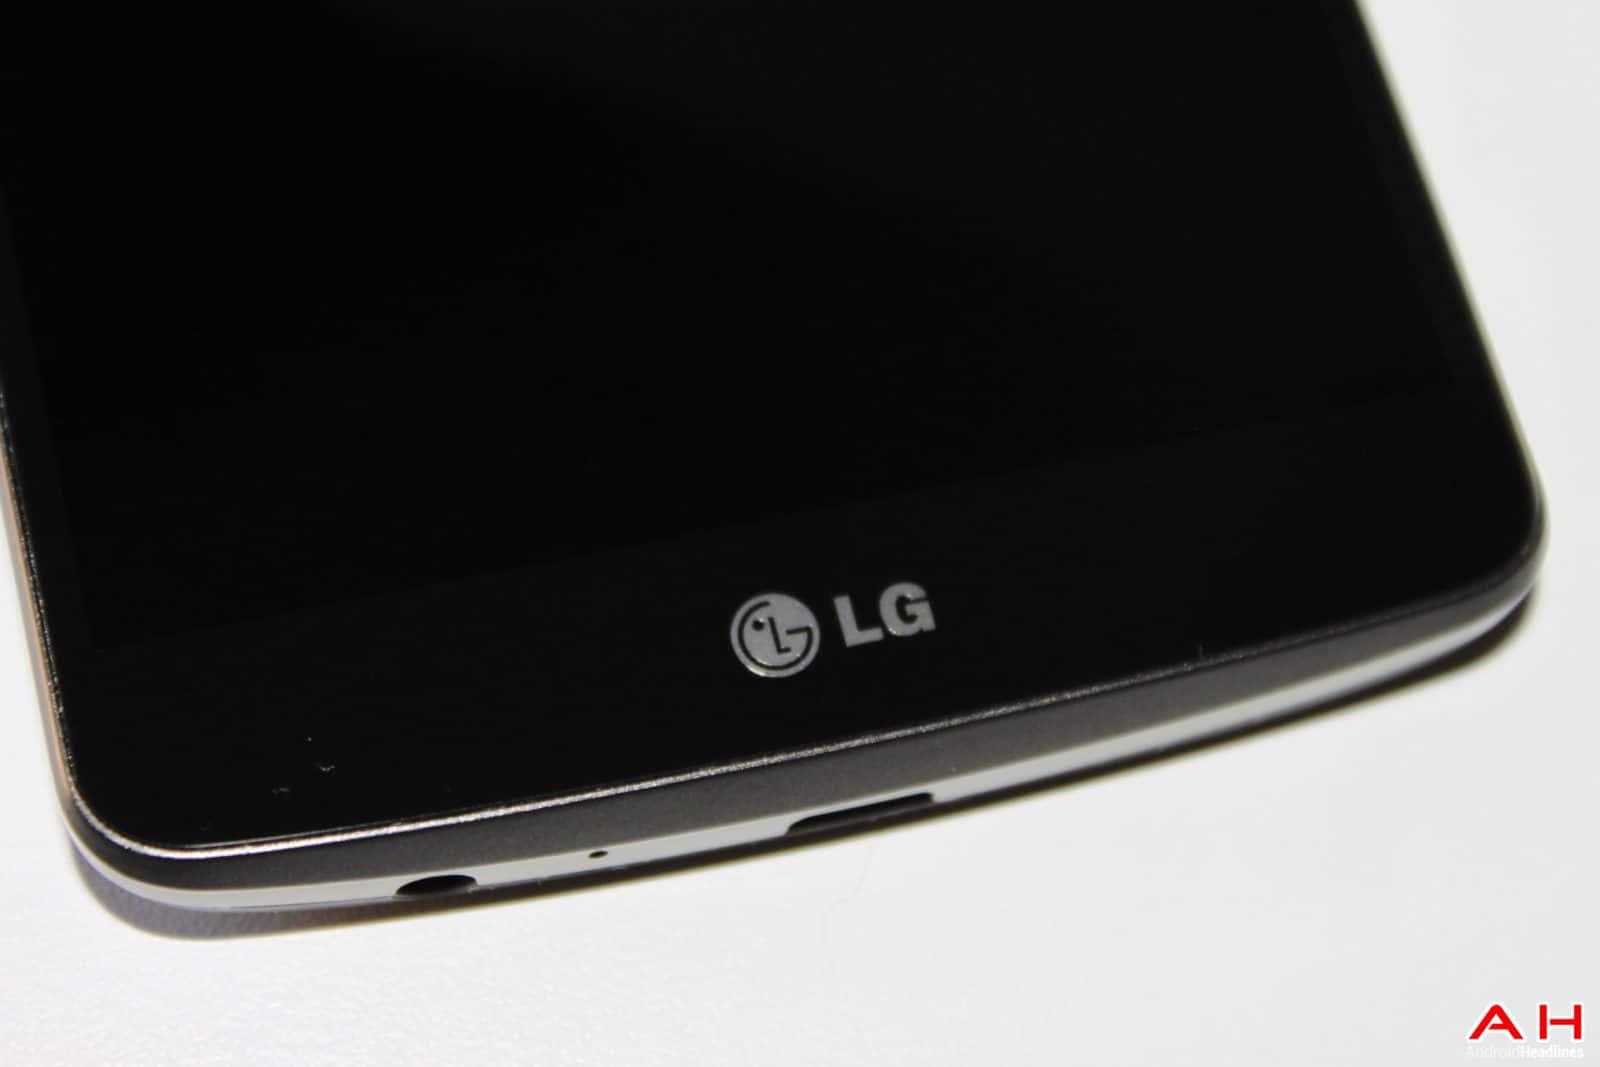 AH LG 3 2014 -29 LG LOGO